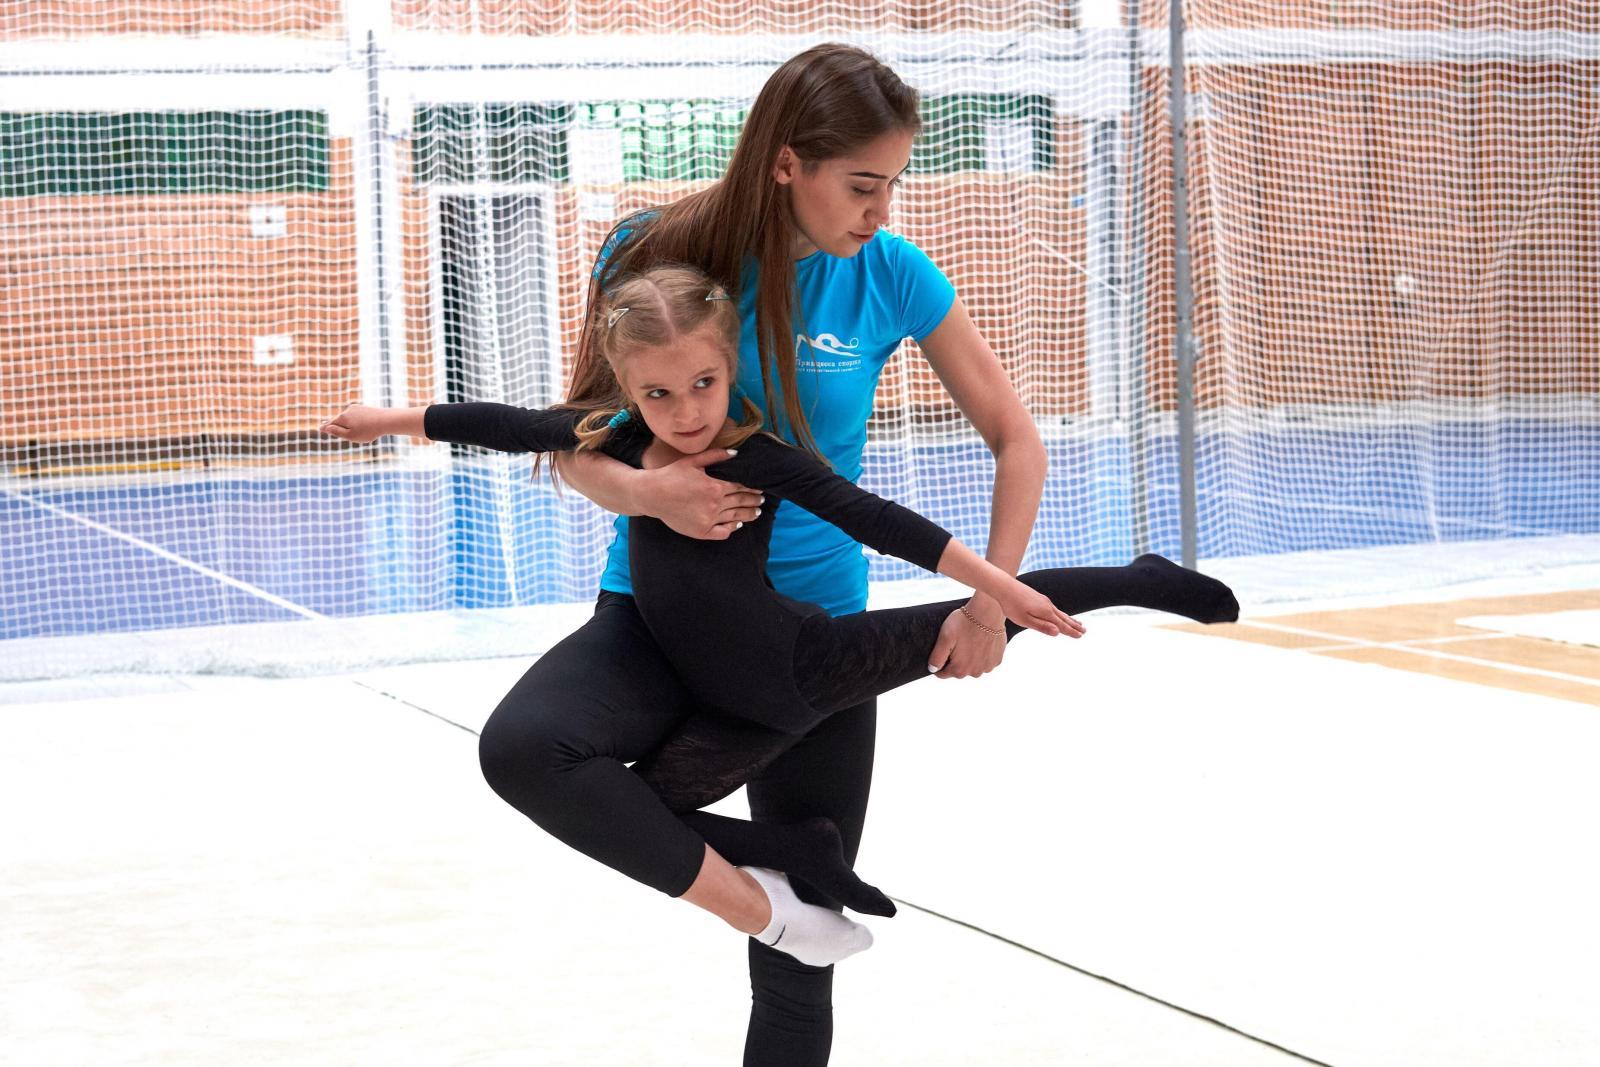 Спортсменки художественной гимнастики голые на тренировке 3